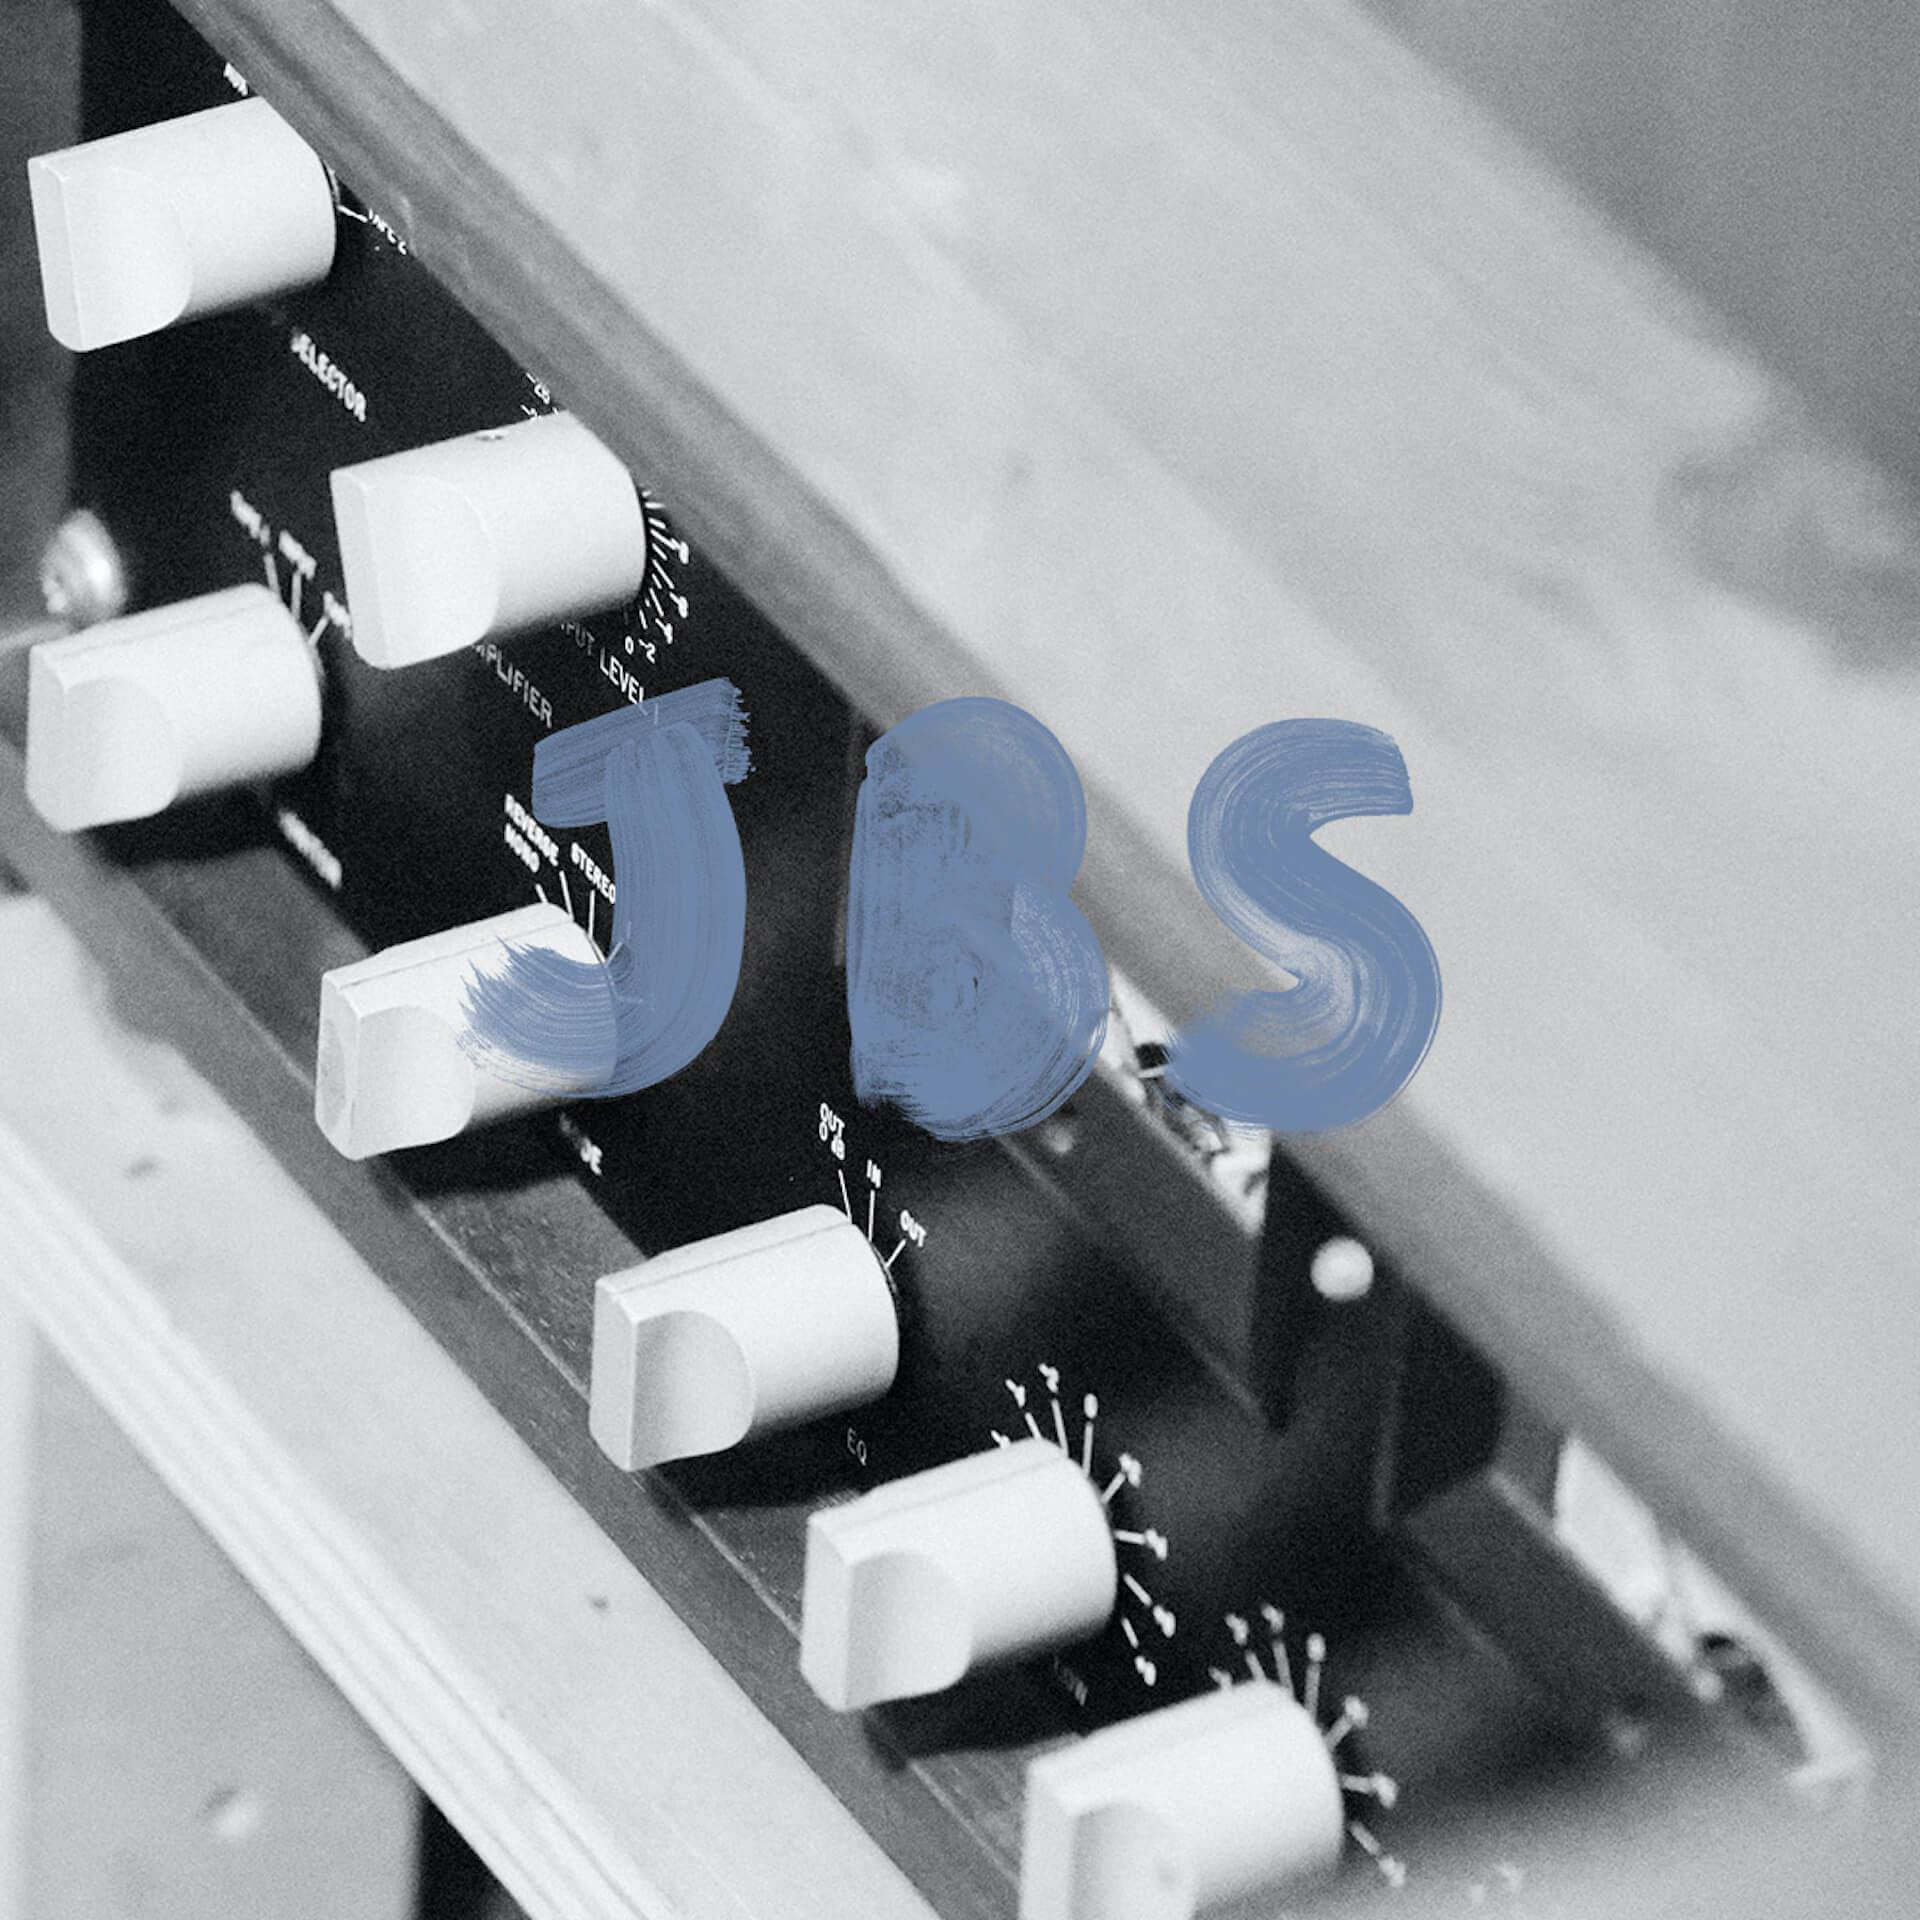 Receptionと渋谷のレコードバーJBSによるカプセルコレクションがローンチ! Fation210615_JSB-lookbook8